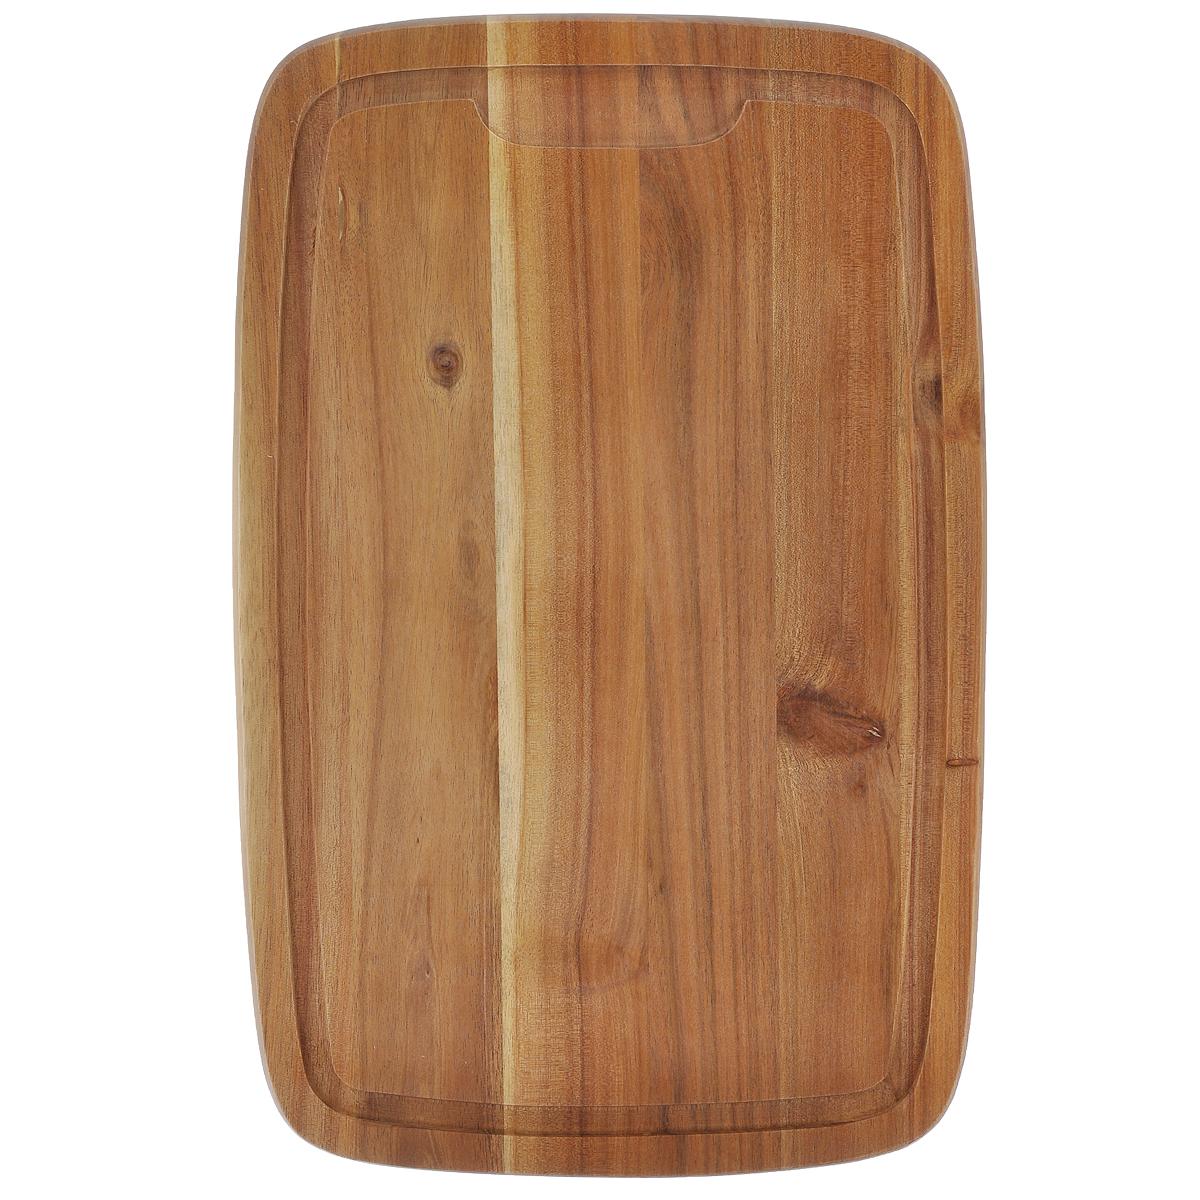 Доска разделочная Kesper, 40 х 26 см2017-1Разделочная доска Kesper изготовлена из высококачественного бамбука, обладающего антибактериальными свойствами. Бамбук - инновационный материал, идеально подходящий для разделочных досок. Доски из бамбука обладают высокой плотностью, а также устойчивы к механическим воздействиям. Наличие канавки по краю изделия поможет предотвратить вытекание сока от продуктов за пределы доски.Функциональные и простые в использовании, разделочные доски Kesper прекрасно впишутся в интерьер любой кухни и прослужат вам долгие годы.